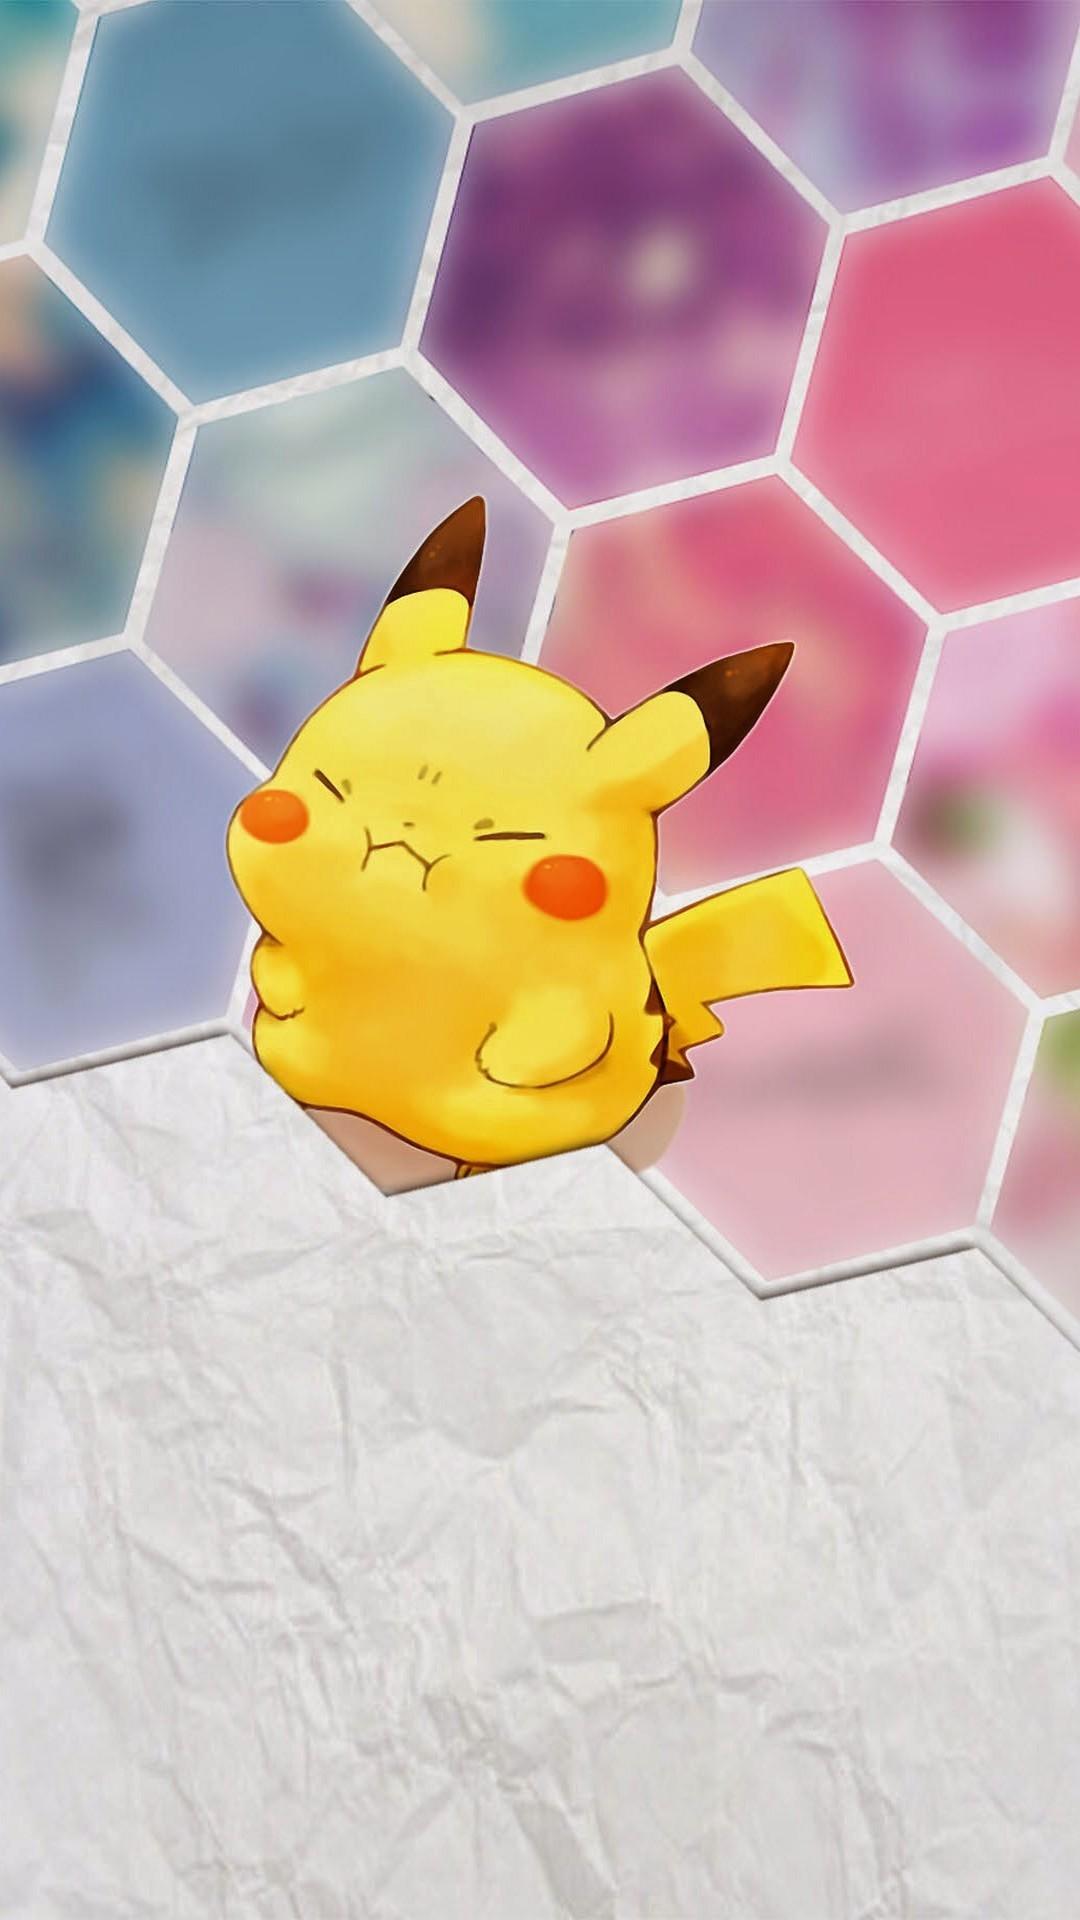 Cute Cartoon Dinosaur Samsung Wallpaper Pikachu Backgrounds 72 Images